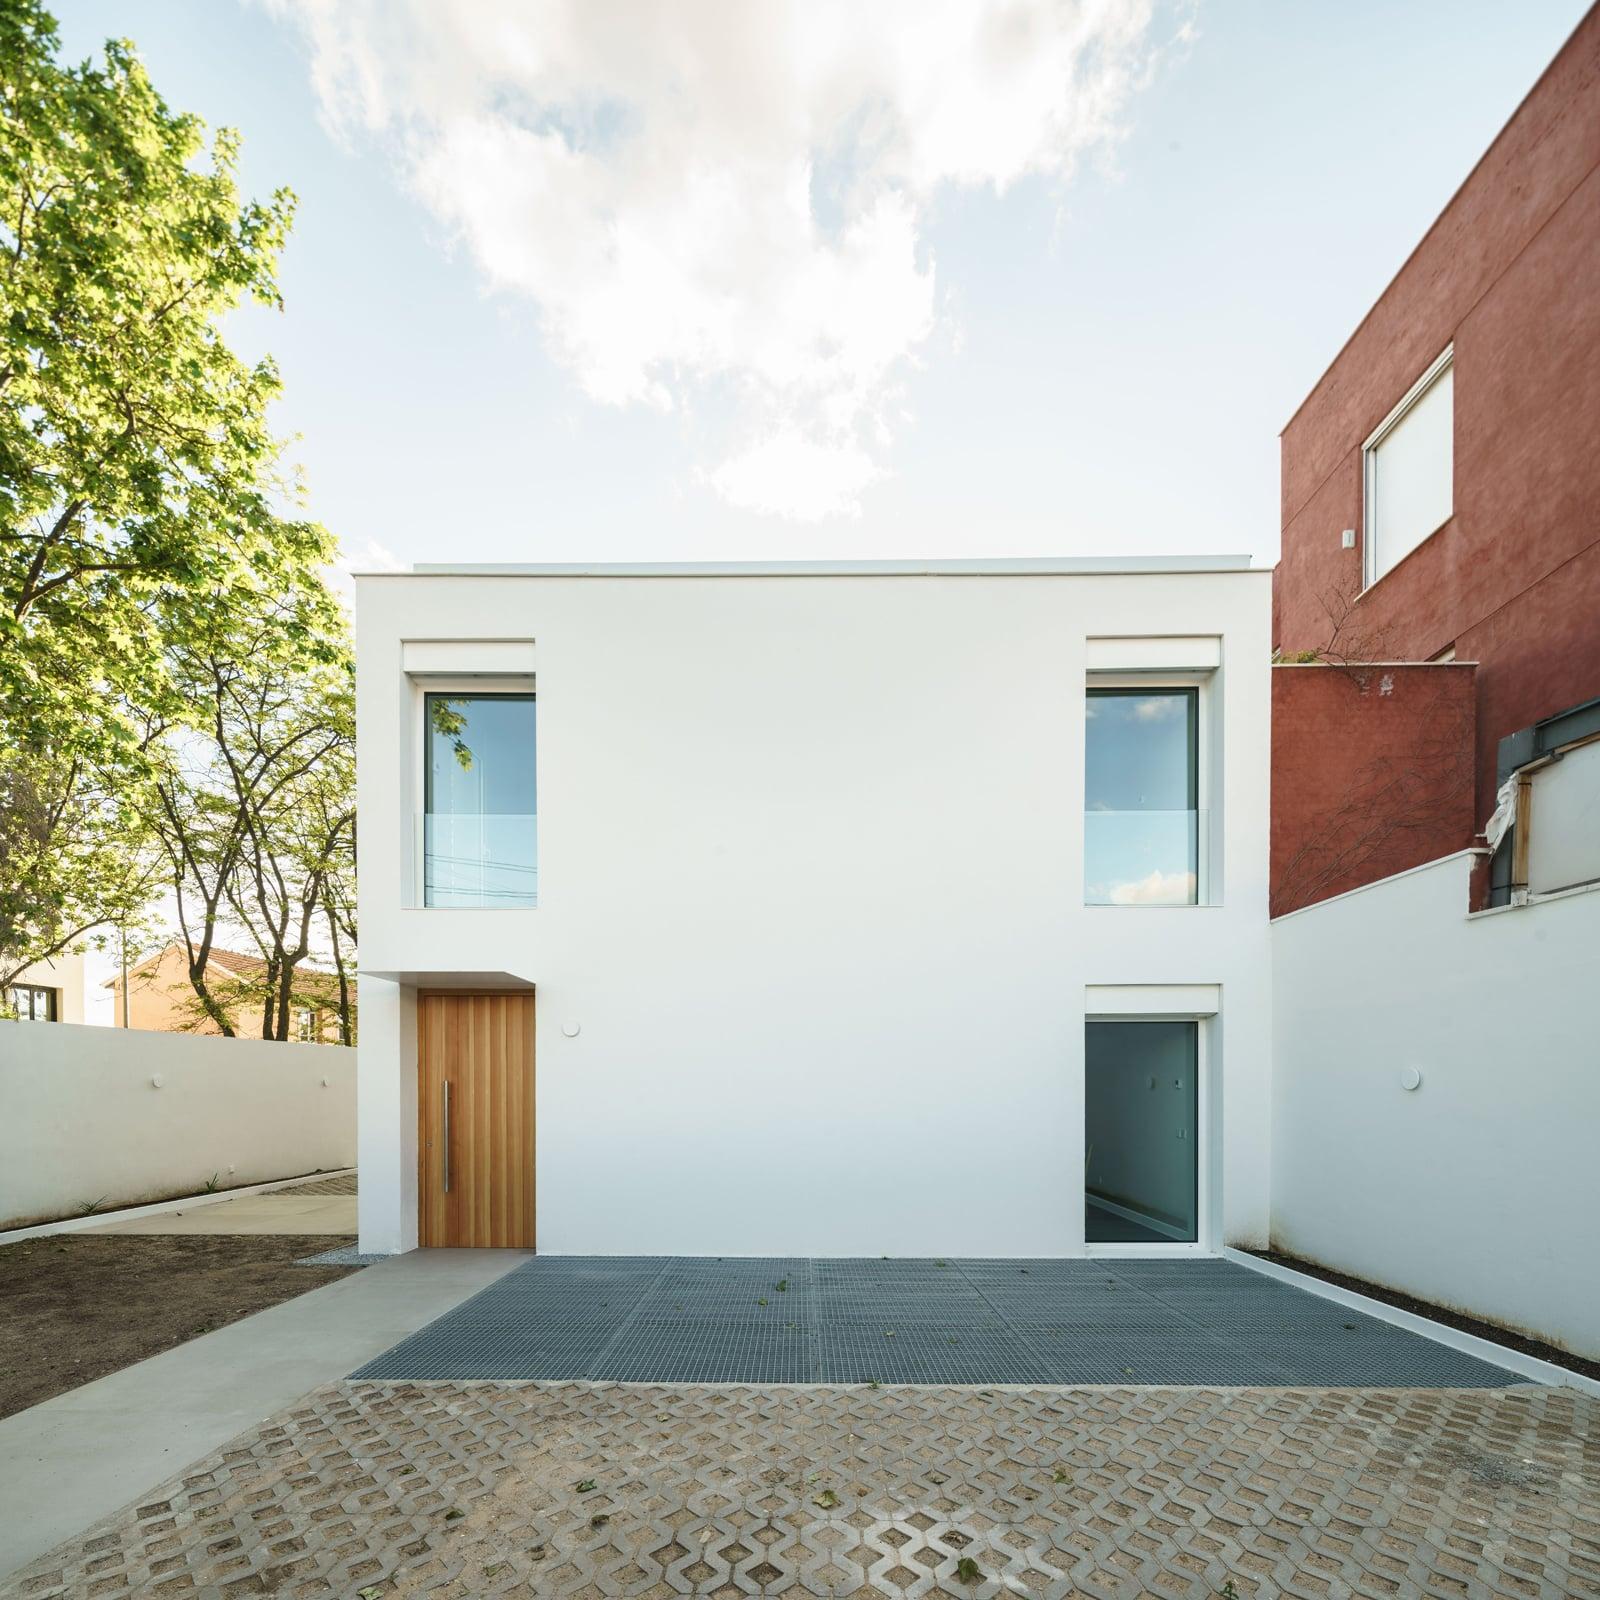 Woodcase House  - 20210907 AyllonParadelaDeAndres Woodcase 02 34